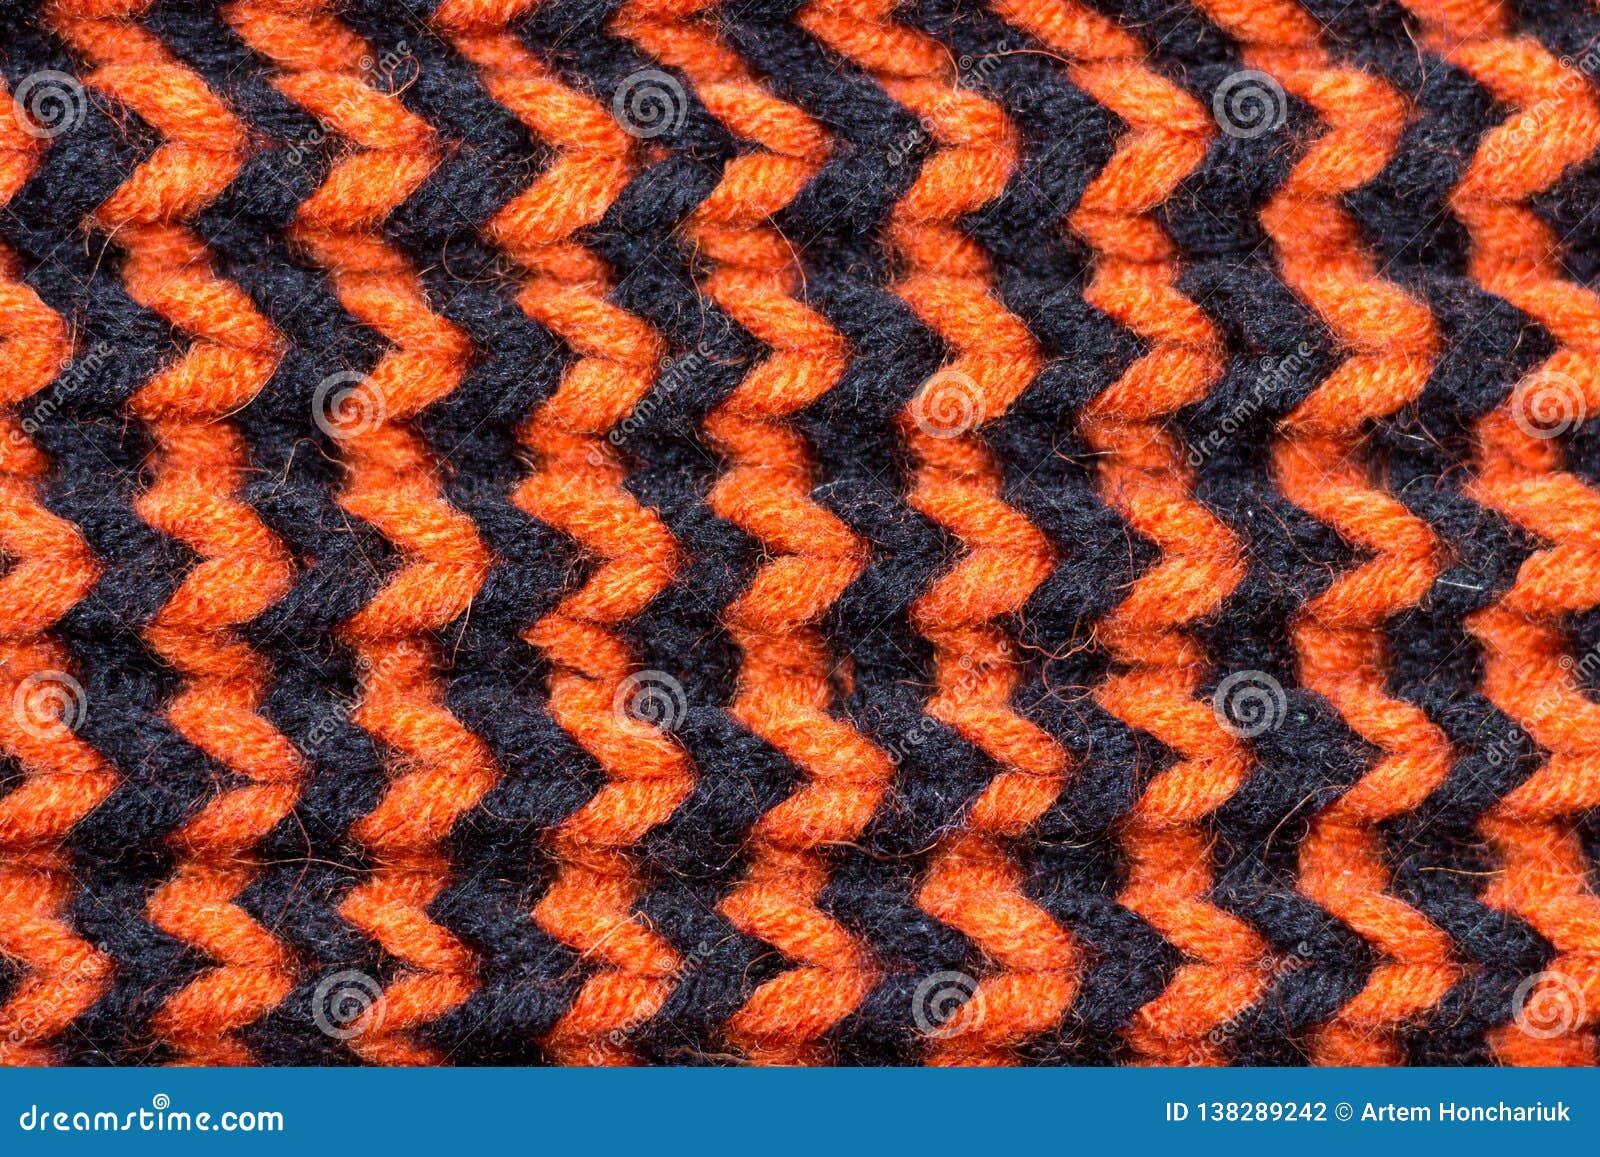 Πλέξιμο Πλεκτή υπόβαθρο σύσταση Φωτεινές πλέκοντας βελόνες Πορτοκαλί και μαύρο νήμα μαλλιού για το πλέξιμο